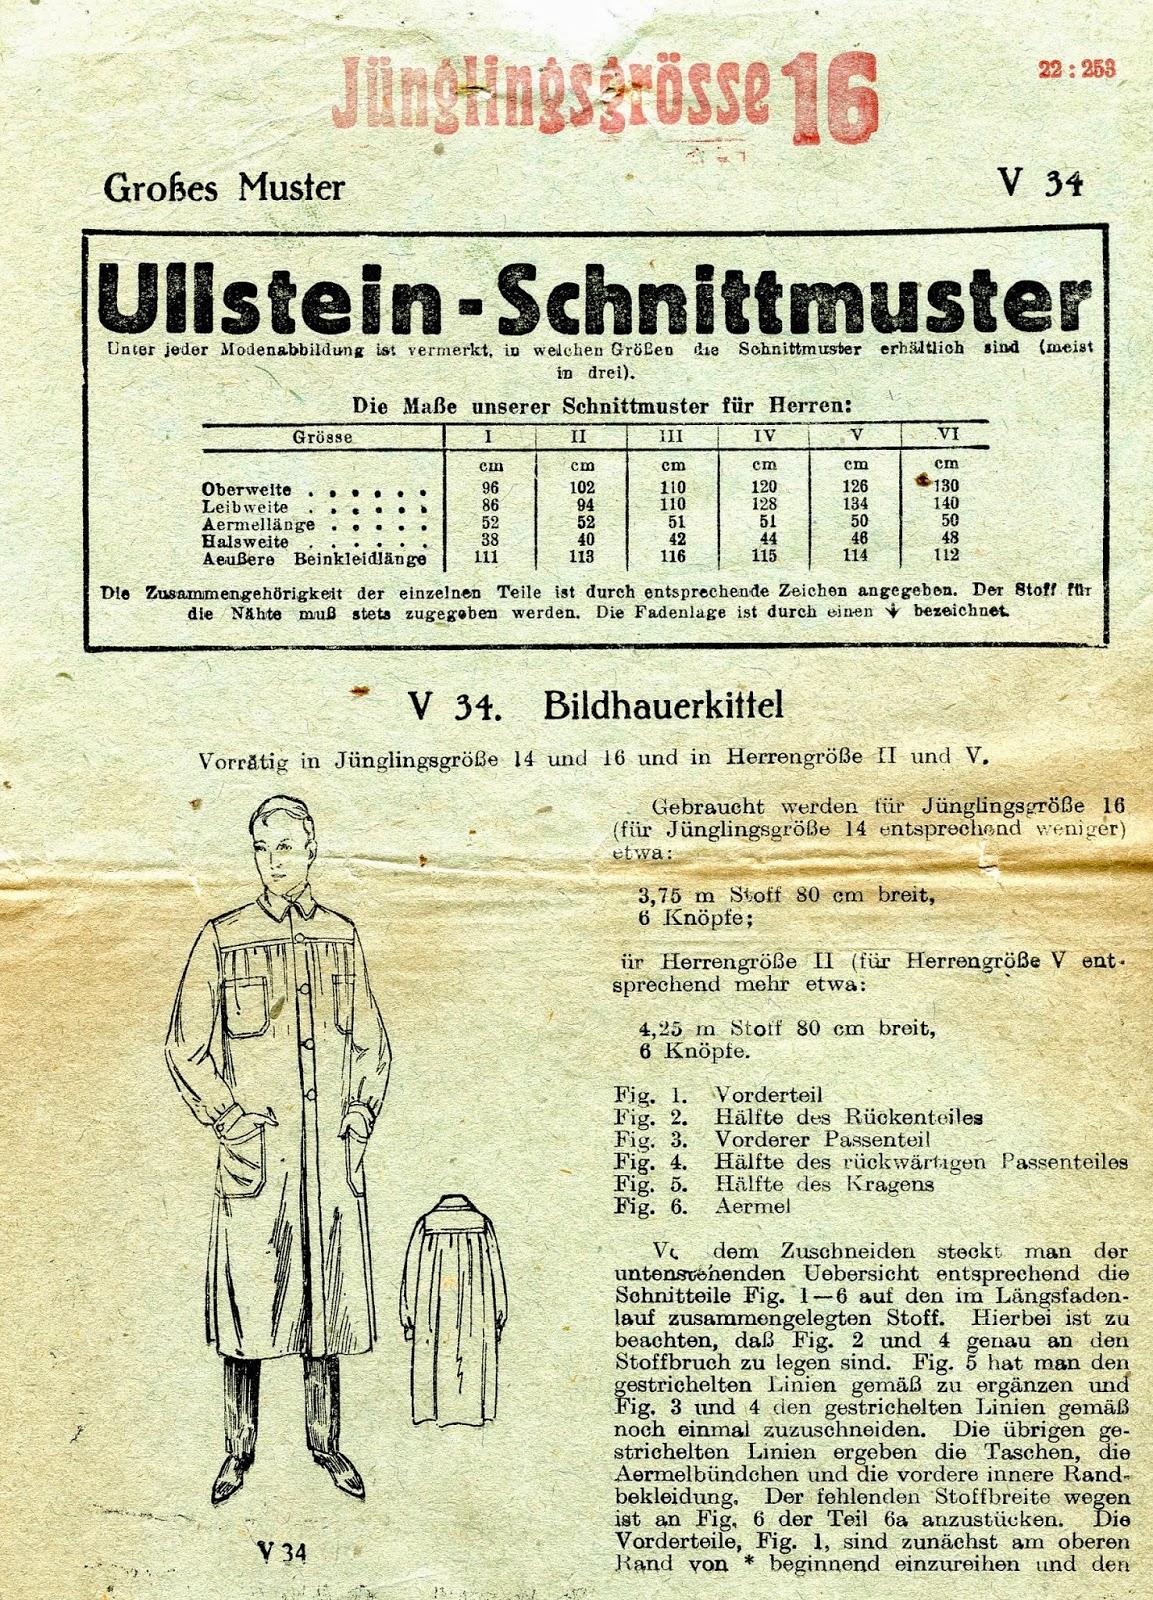 Unsung Sewing Patterns: Ullstein-Schnittmuster V 34 - BildhauerKittel